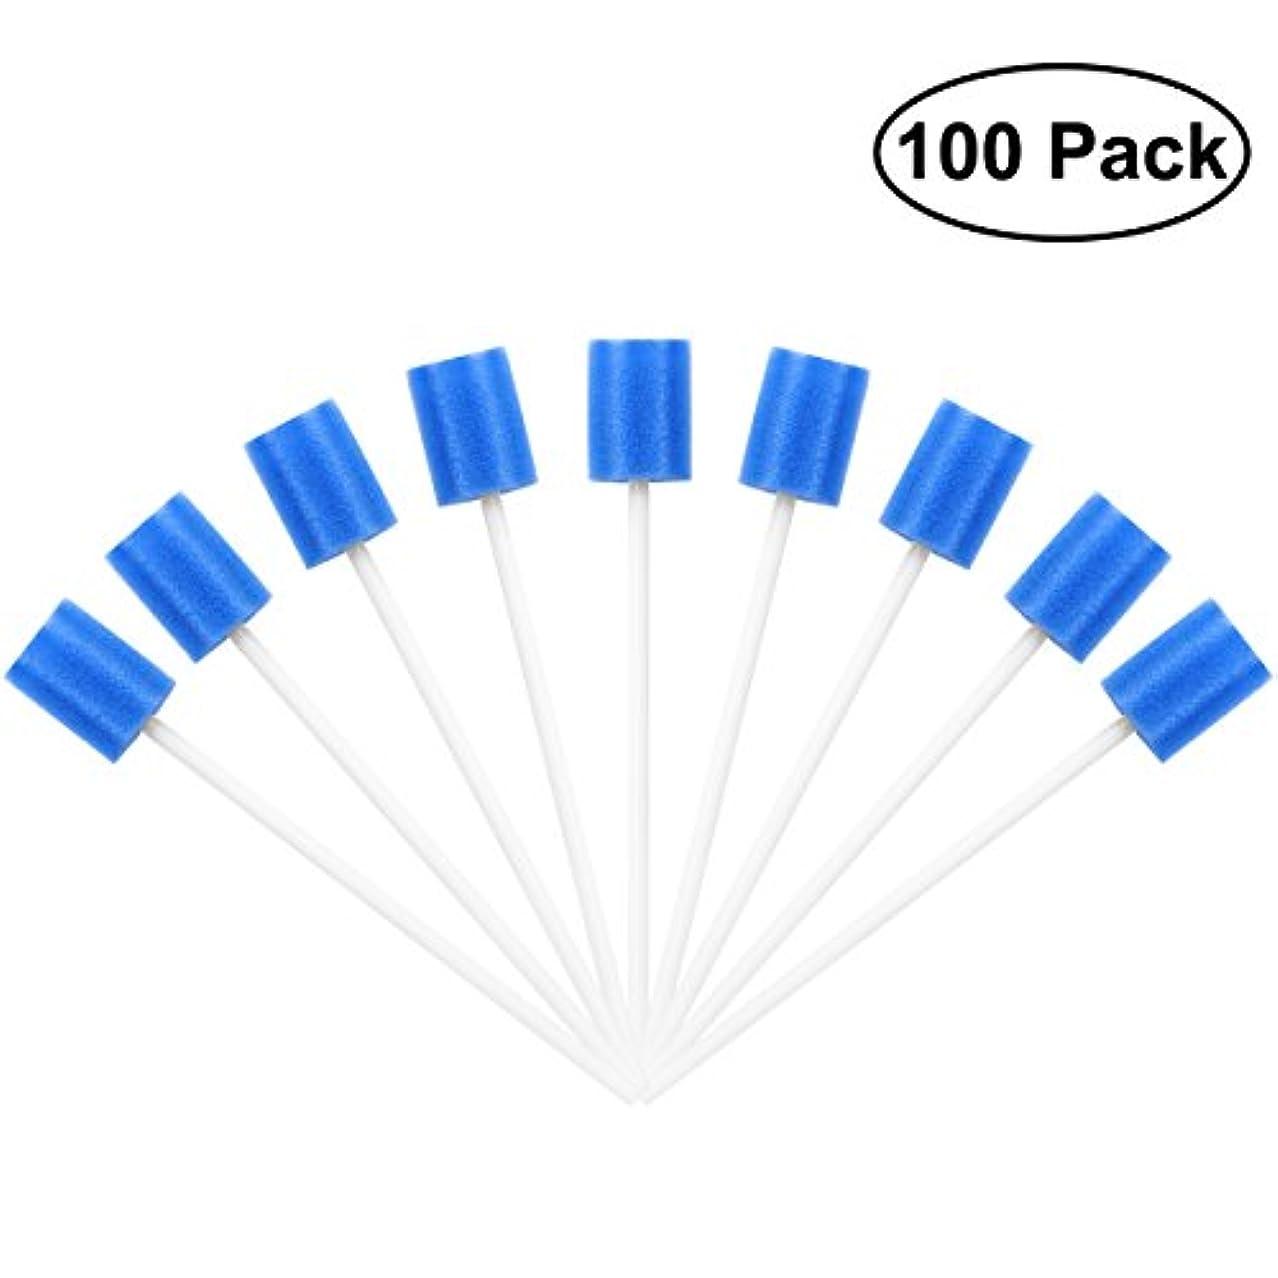 遠近法マイコン黒ROSENICE Mouth Sponges Dental Swabs 100Pcs Disposable Oral Care Swabs (Blue)